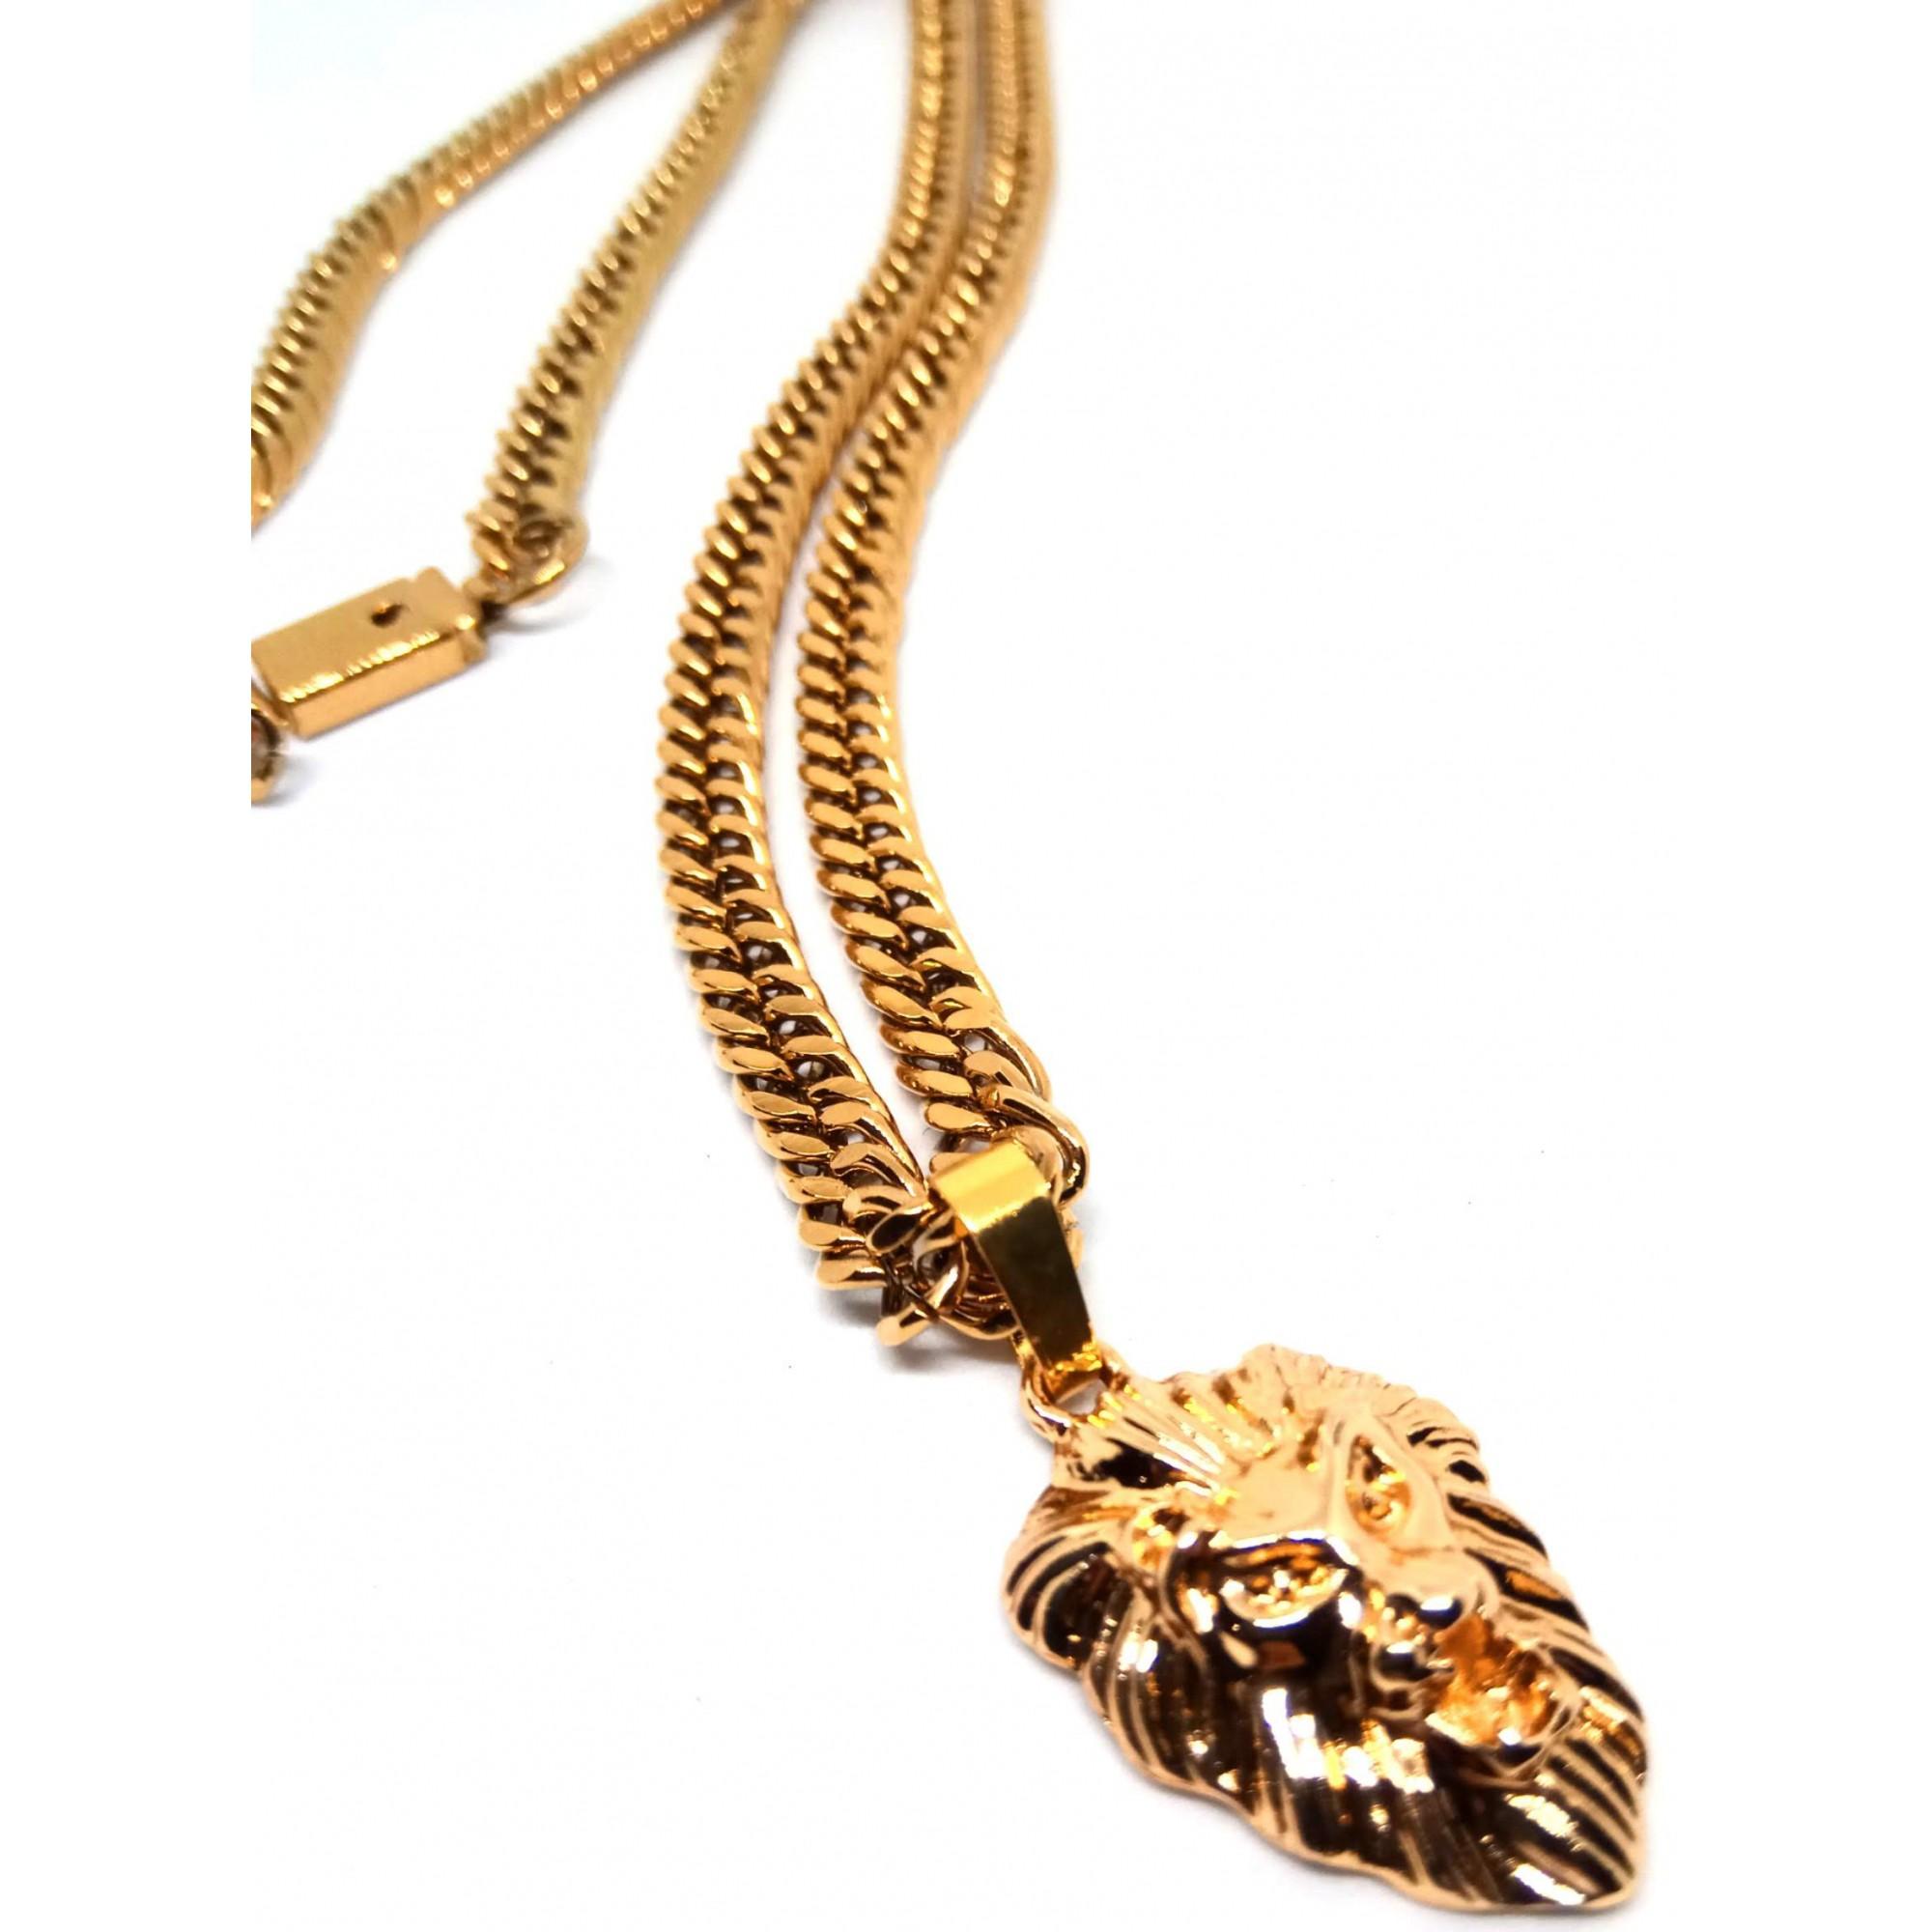 Corrente Cordão Malha Corda Banhada Ouro 18k Ping Leão